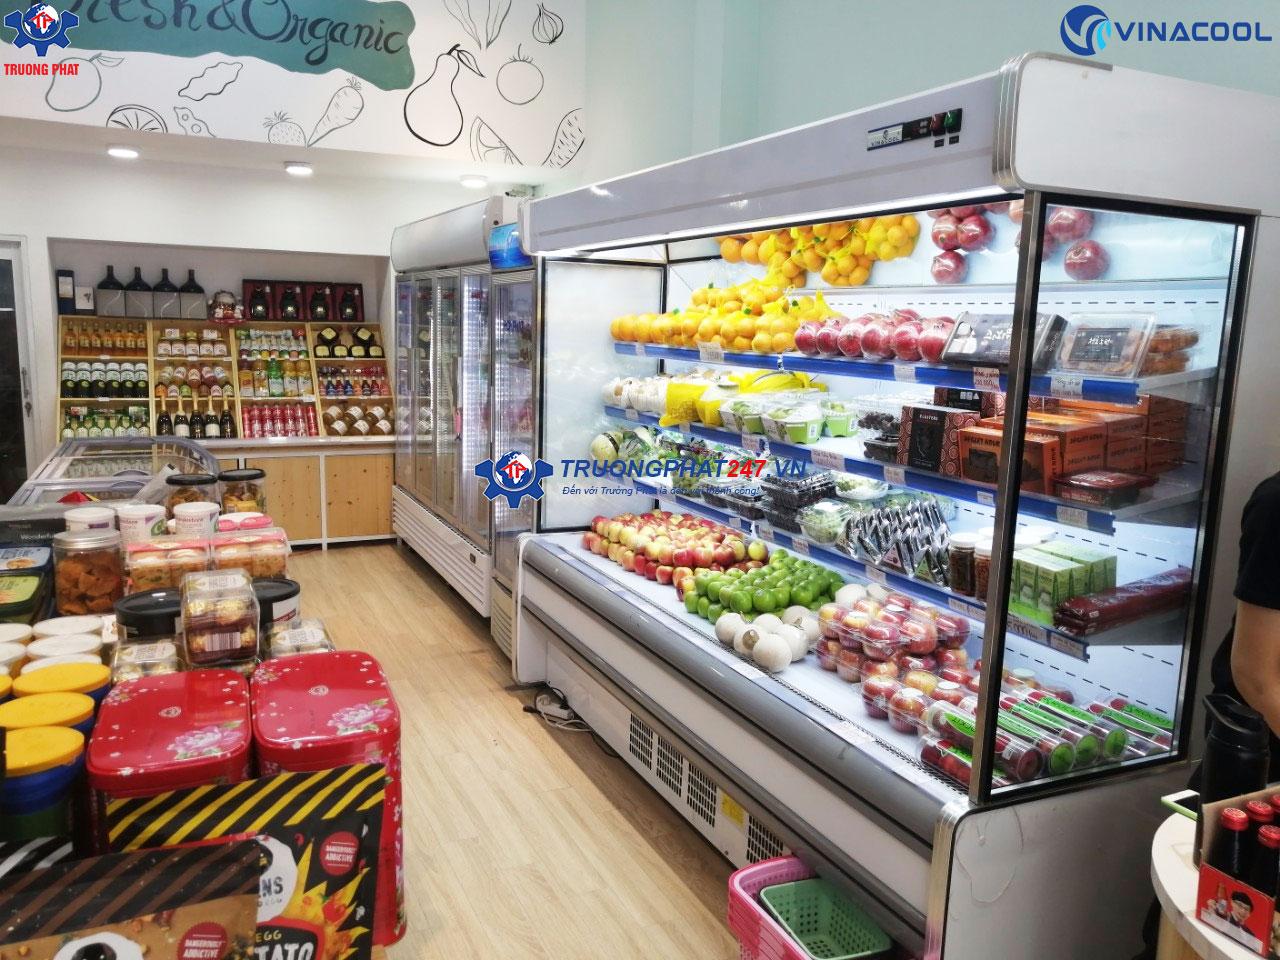 Tủ siêu thị hiện nay dùng máy nén khí loại nào?